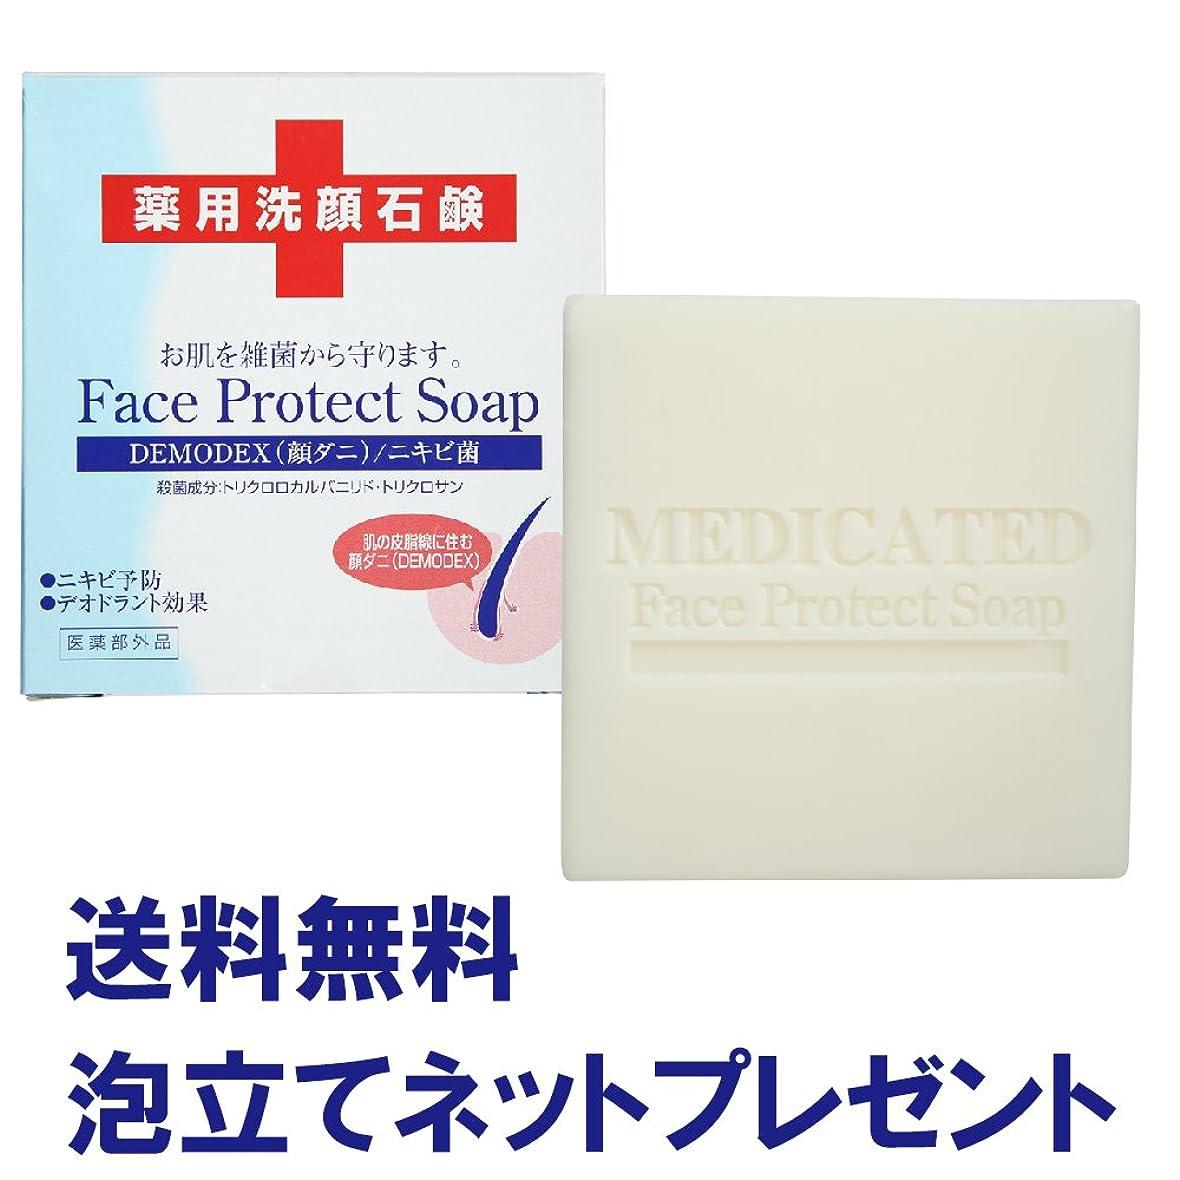 入射はっきりしないゆでる顔ダニ?ニキビ対策 薬用洗顔石鹸 ダイム 薬用フェイスプロテクトソープ 115g 泡立てネットプレゼント